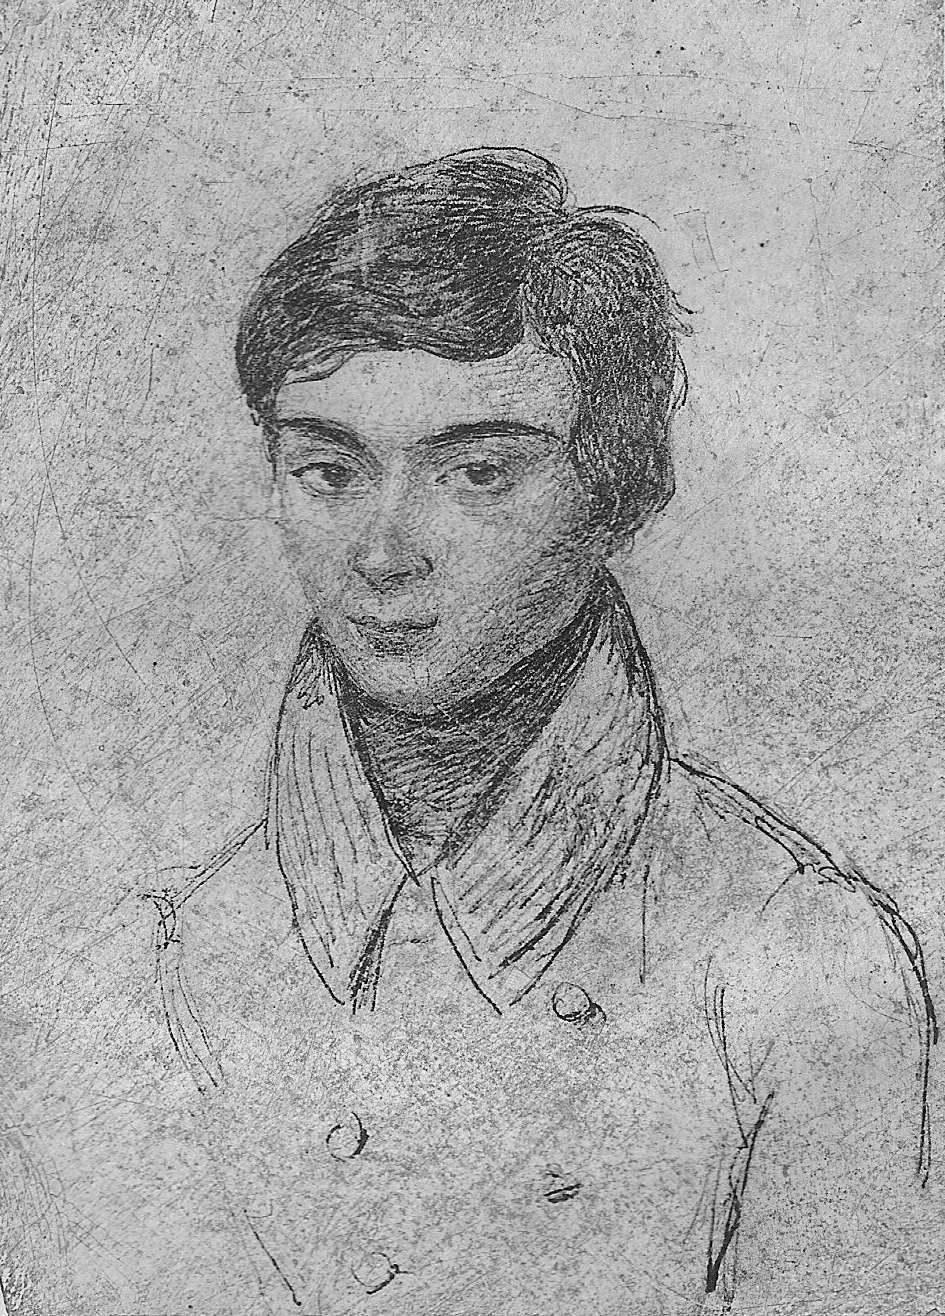 Un portrait d'Évariste Galois, le mathématicien mort trop jeune. © Domaine public